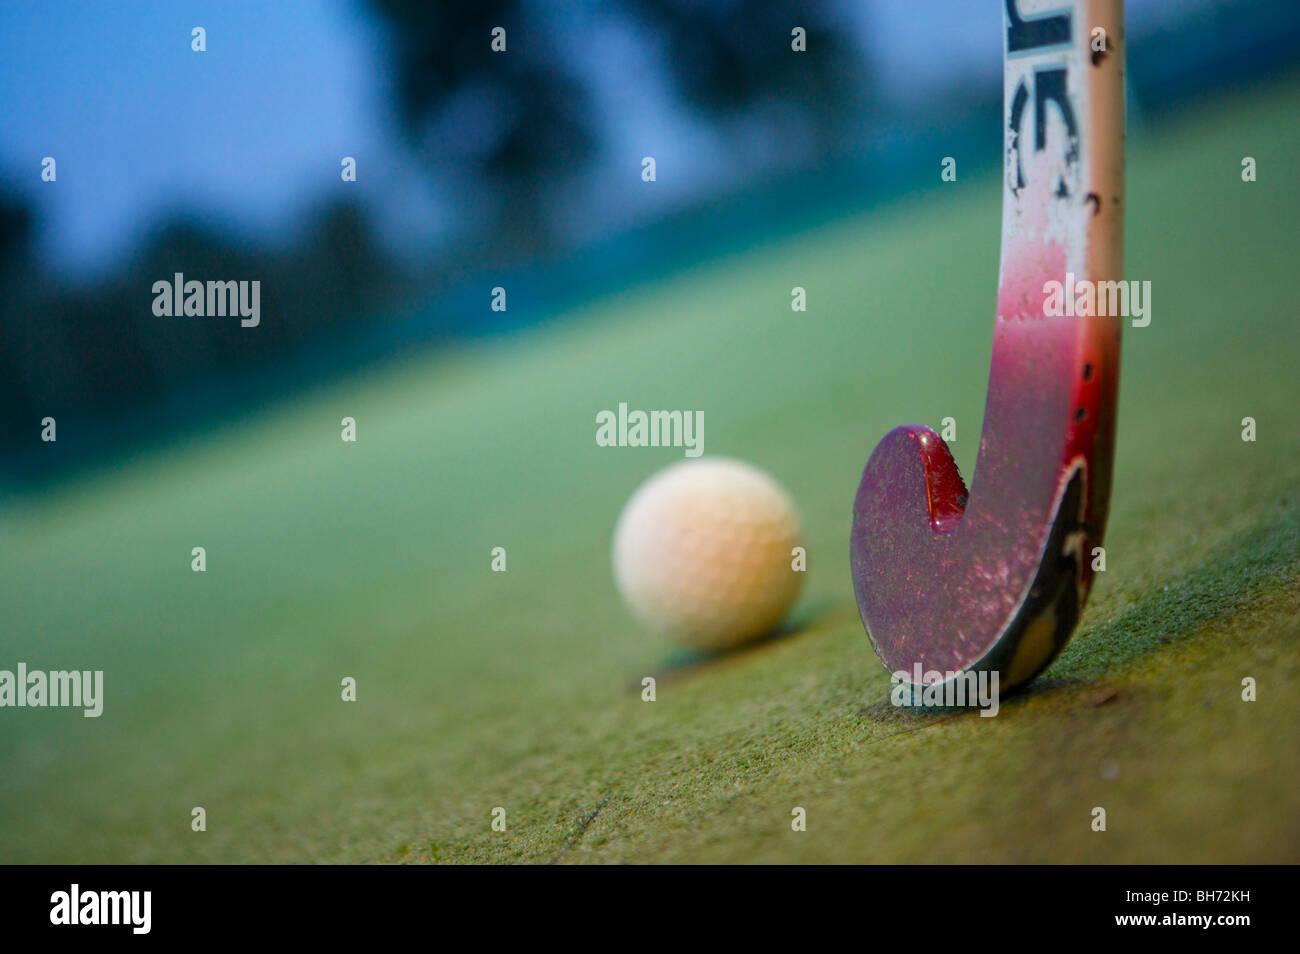 El hockey, la formación, las tácticas, el entrenador, ejercicio, estudiantes, UK, colegio, universidad, Imagen De Stock